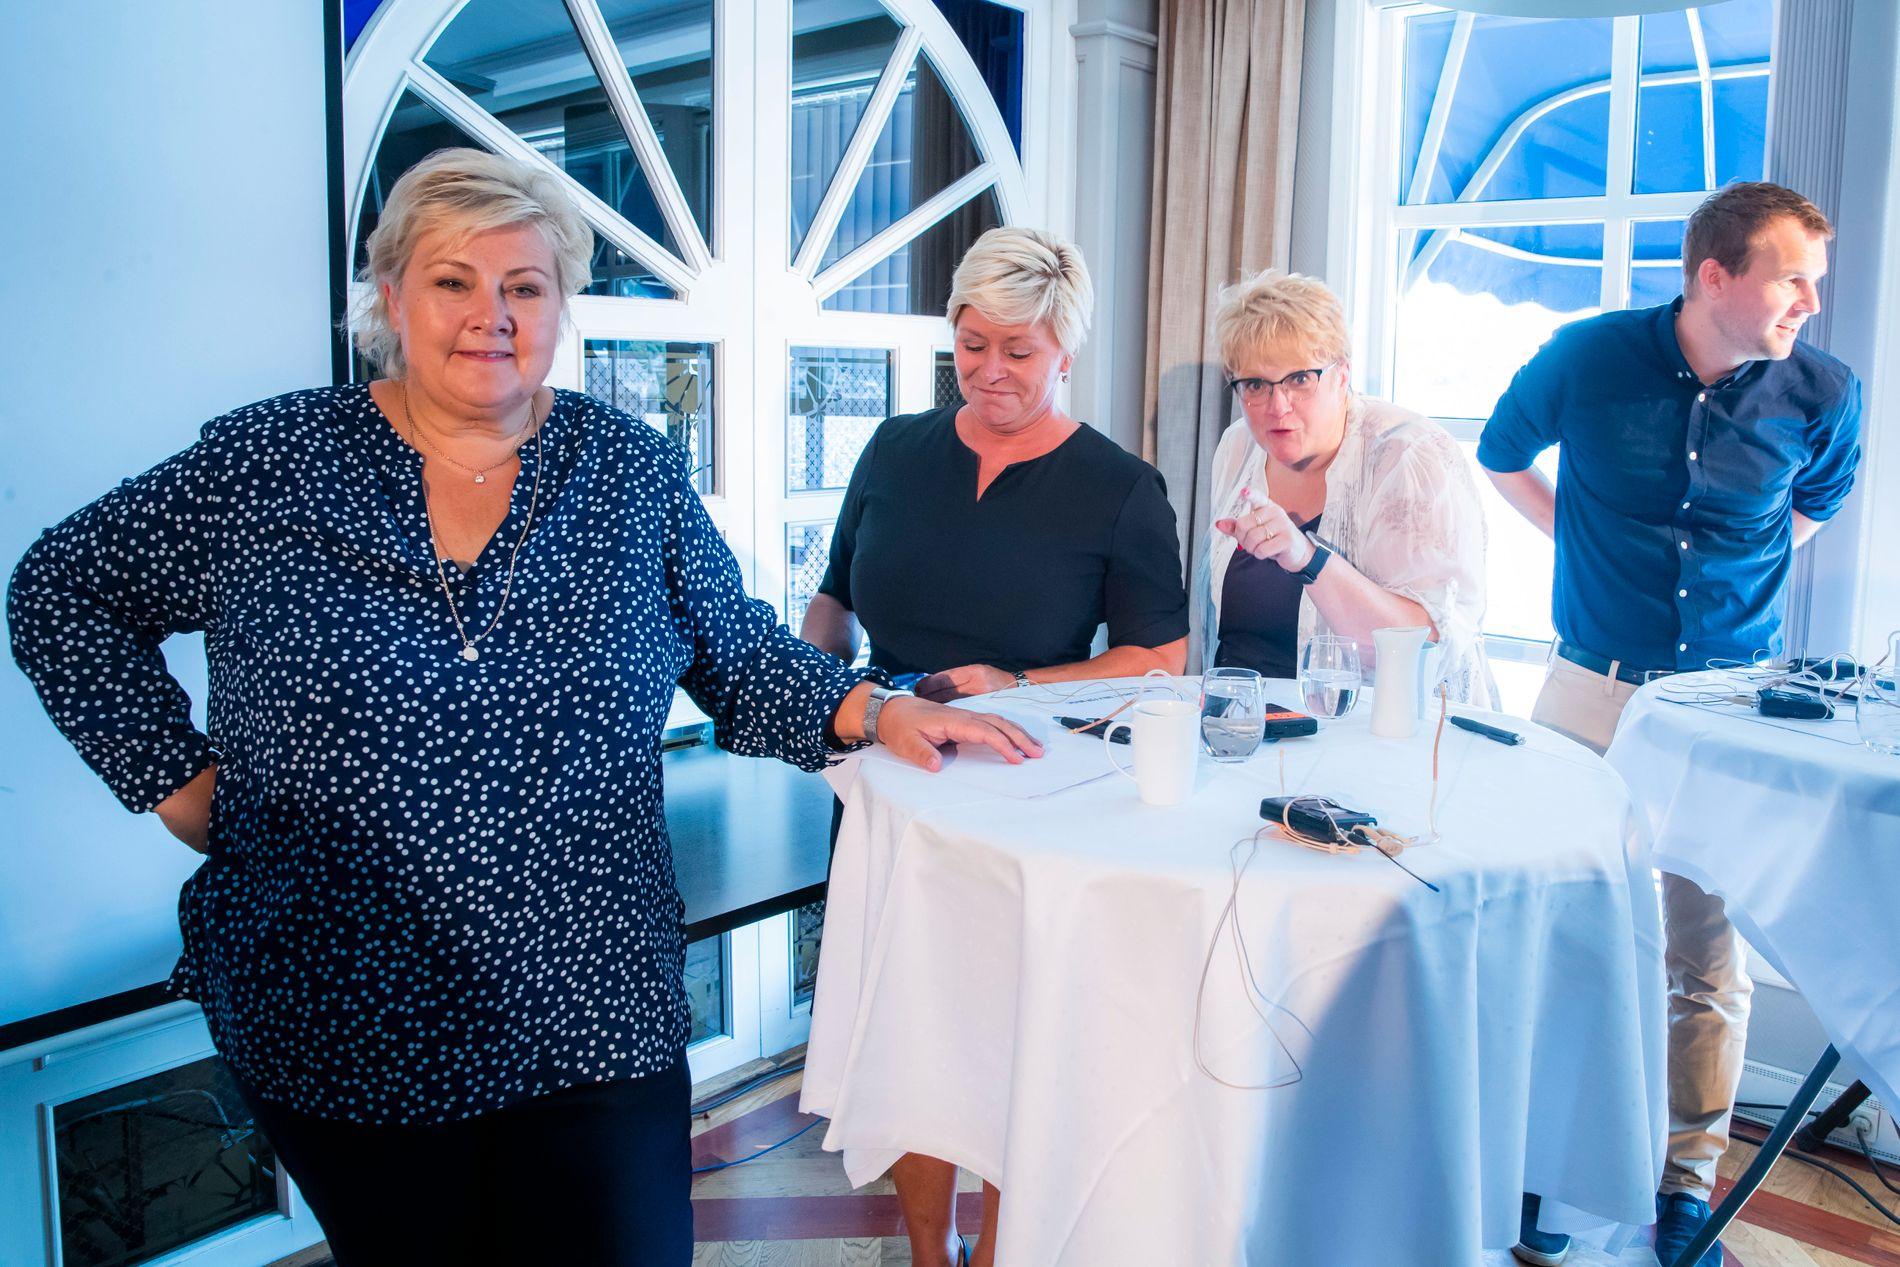 GODE PÅ UENIGHET: Statsminister Erna Solberg og gjengen er gode på å lage drama. Denne gangen er de uenige om den aller største saken i valgkampen, noe som gjør det hakket mer spennende enn vanlig.